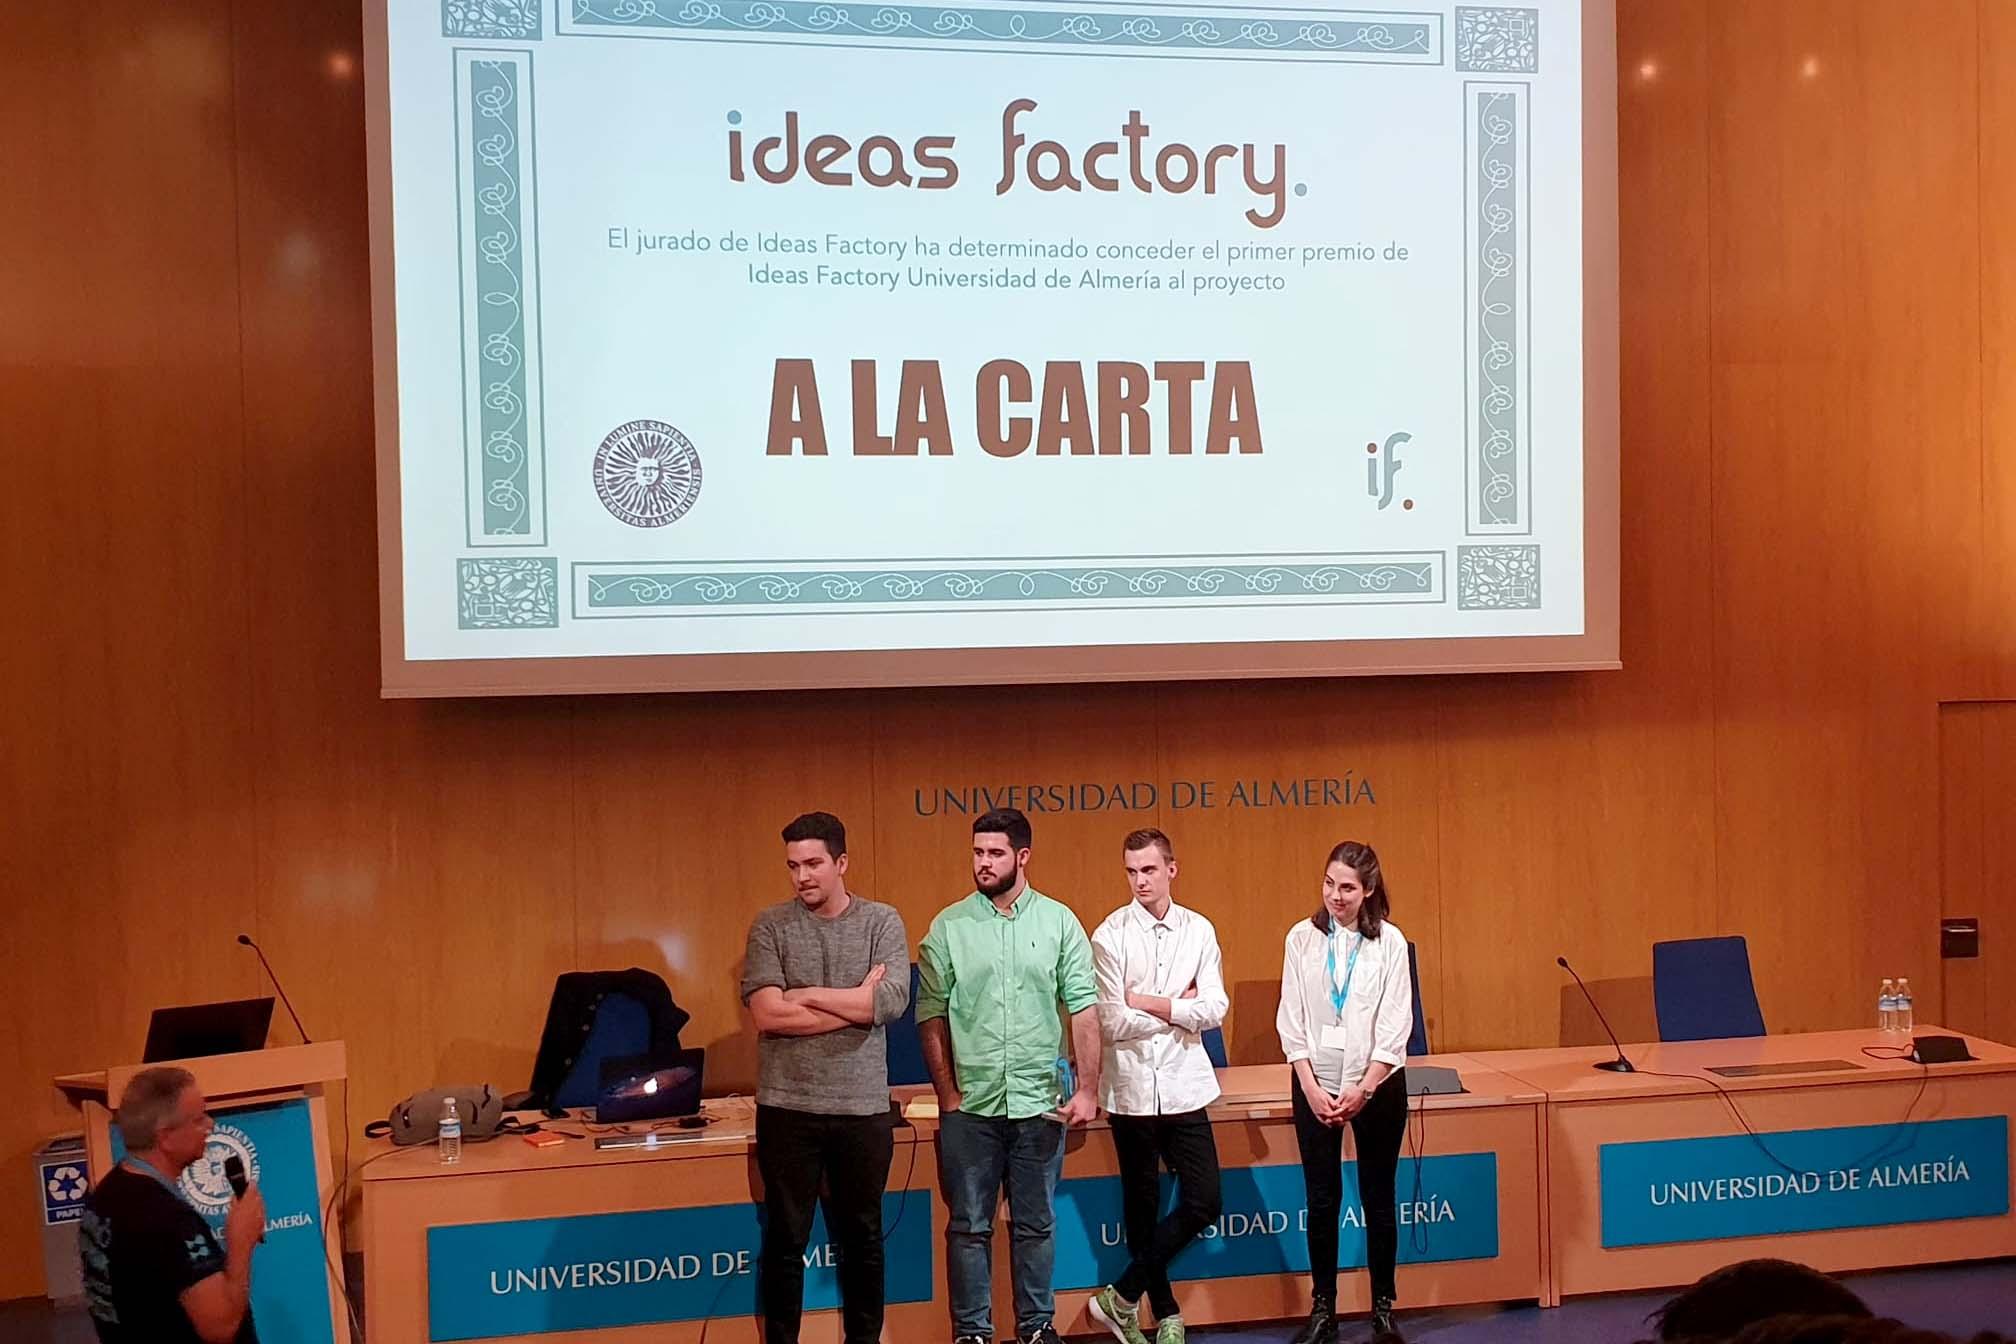 FOTO-2-NOVIEMBRE-19-2019-PREMIO-IDEAS-FACTORY-A-PROYECTO-A-LA-CARTA